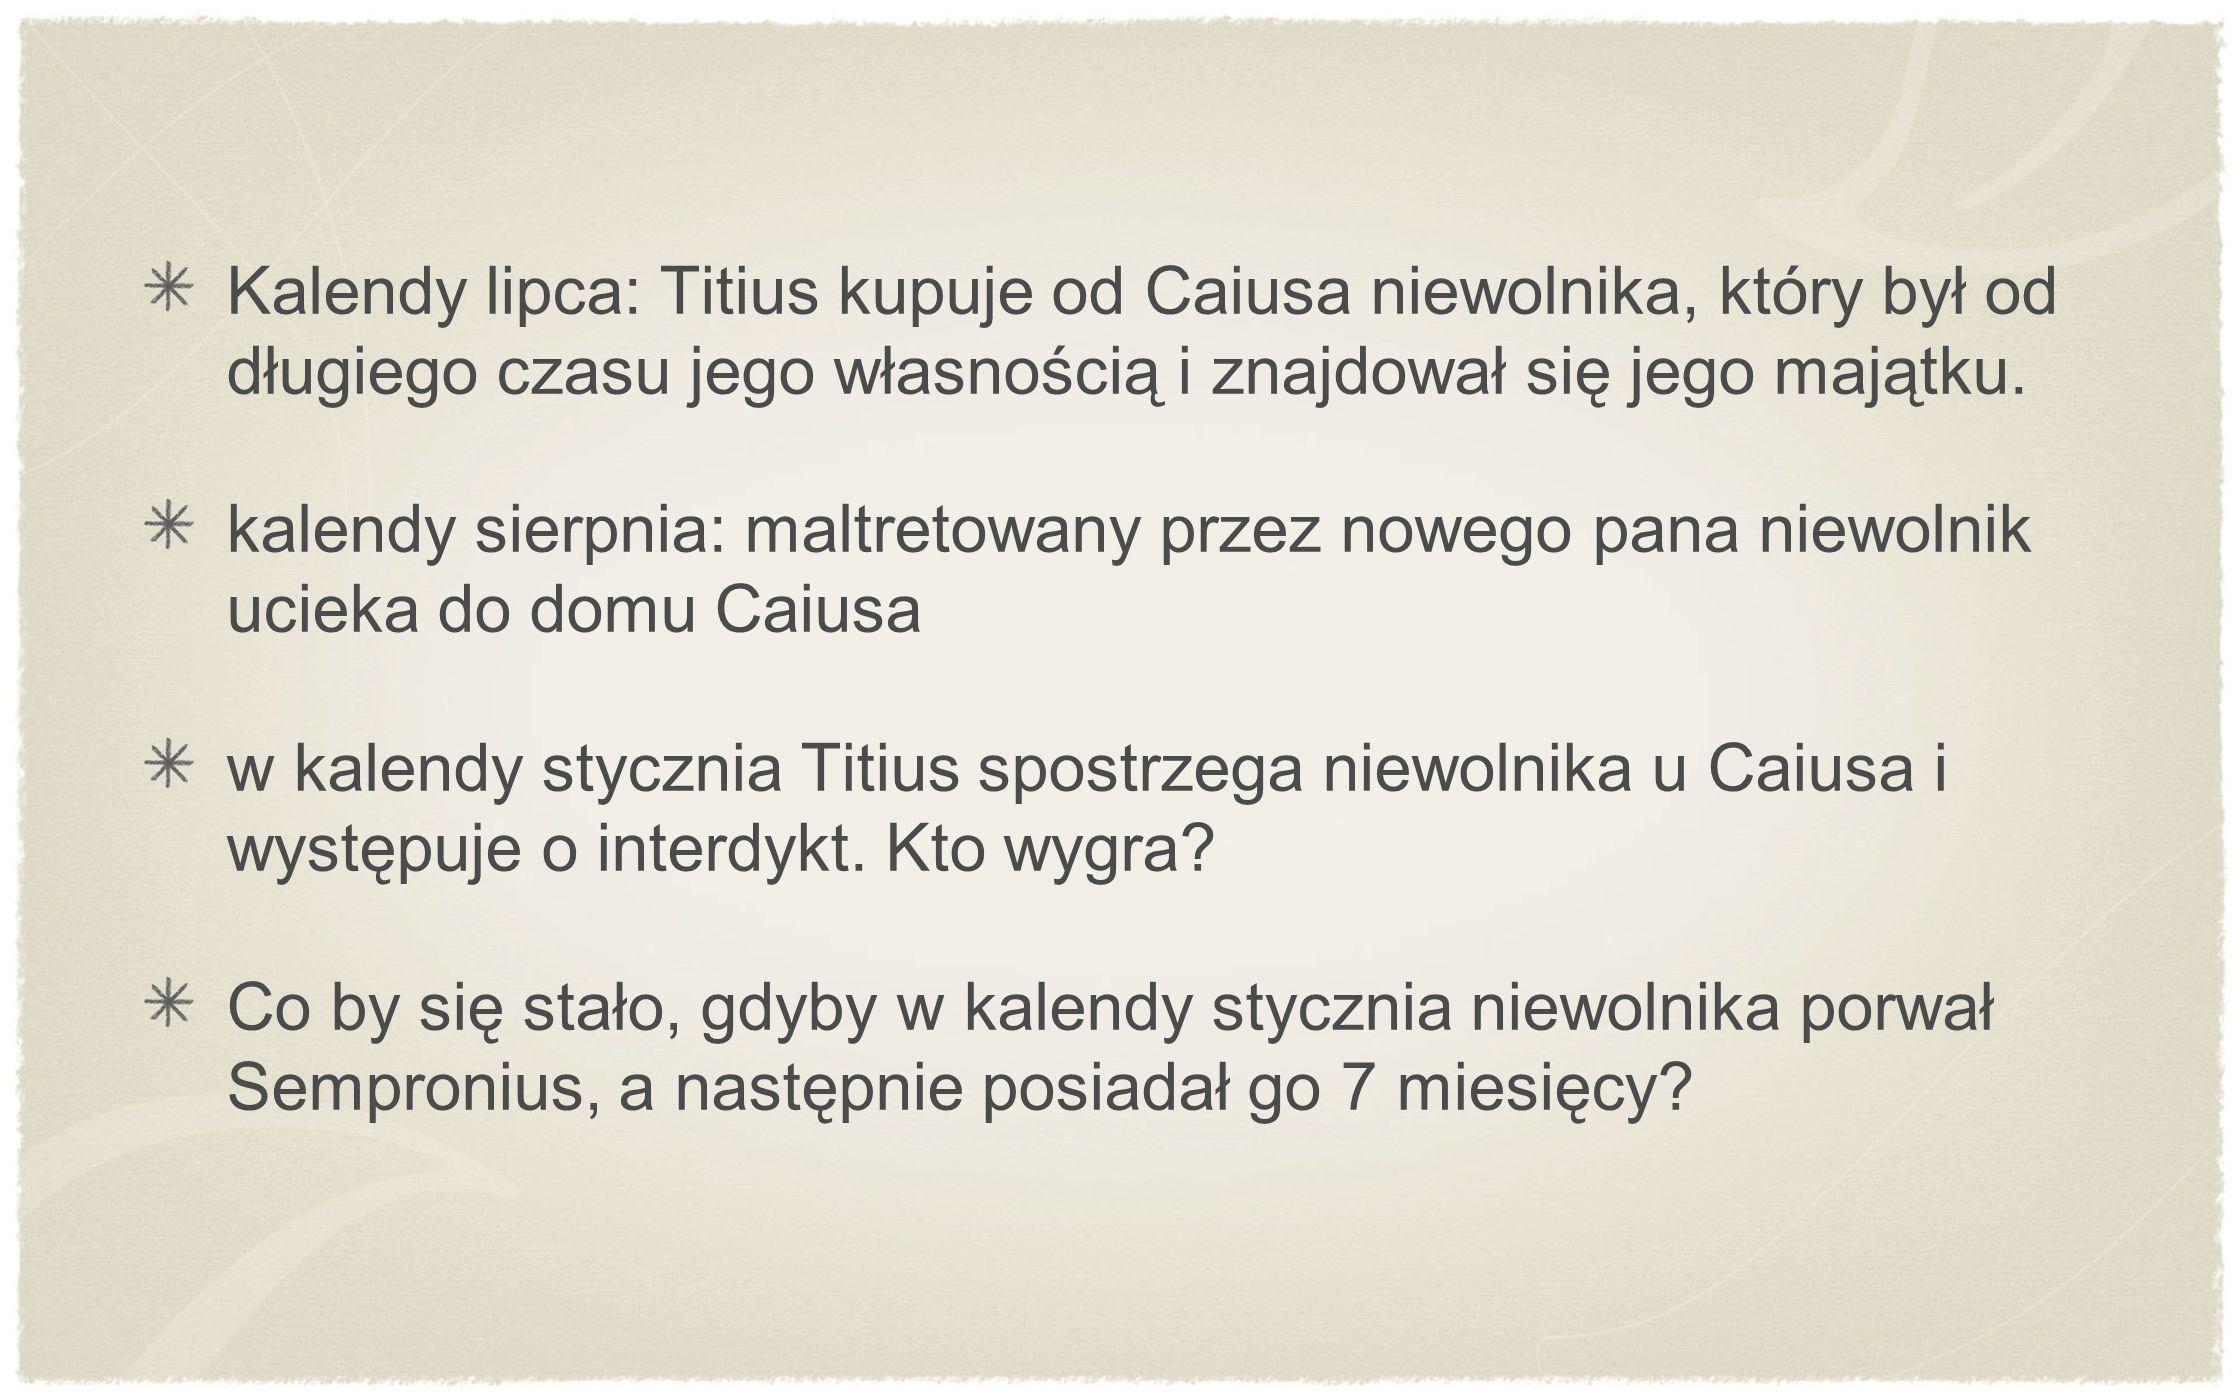 Kalendy lipca: Titius kupuje od Caiusa niewolnika, który był od długiego czasu jego własnością i znajdował się jego majątku. kalendy sierpnia: maltret